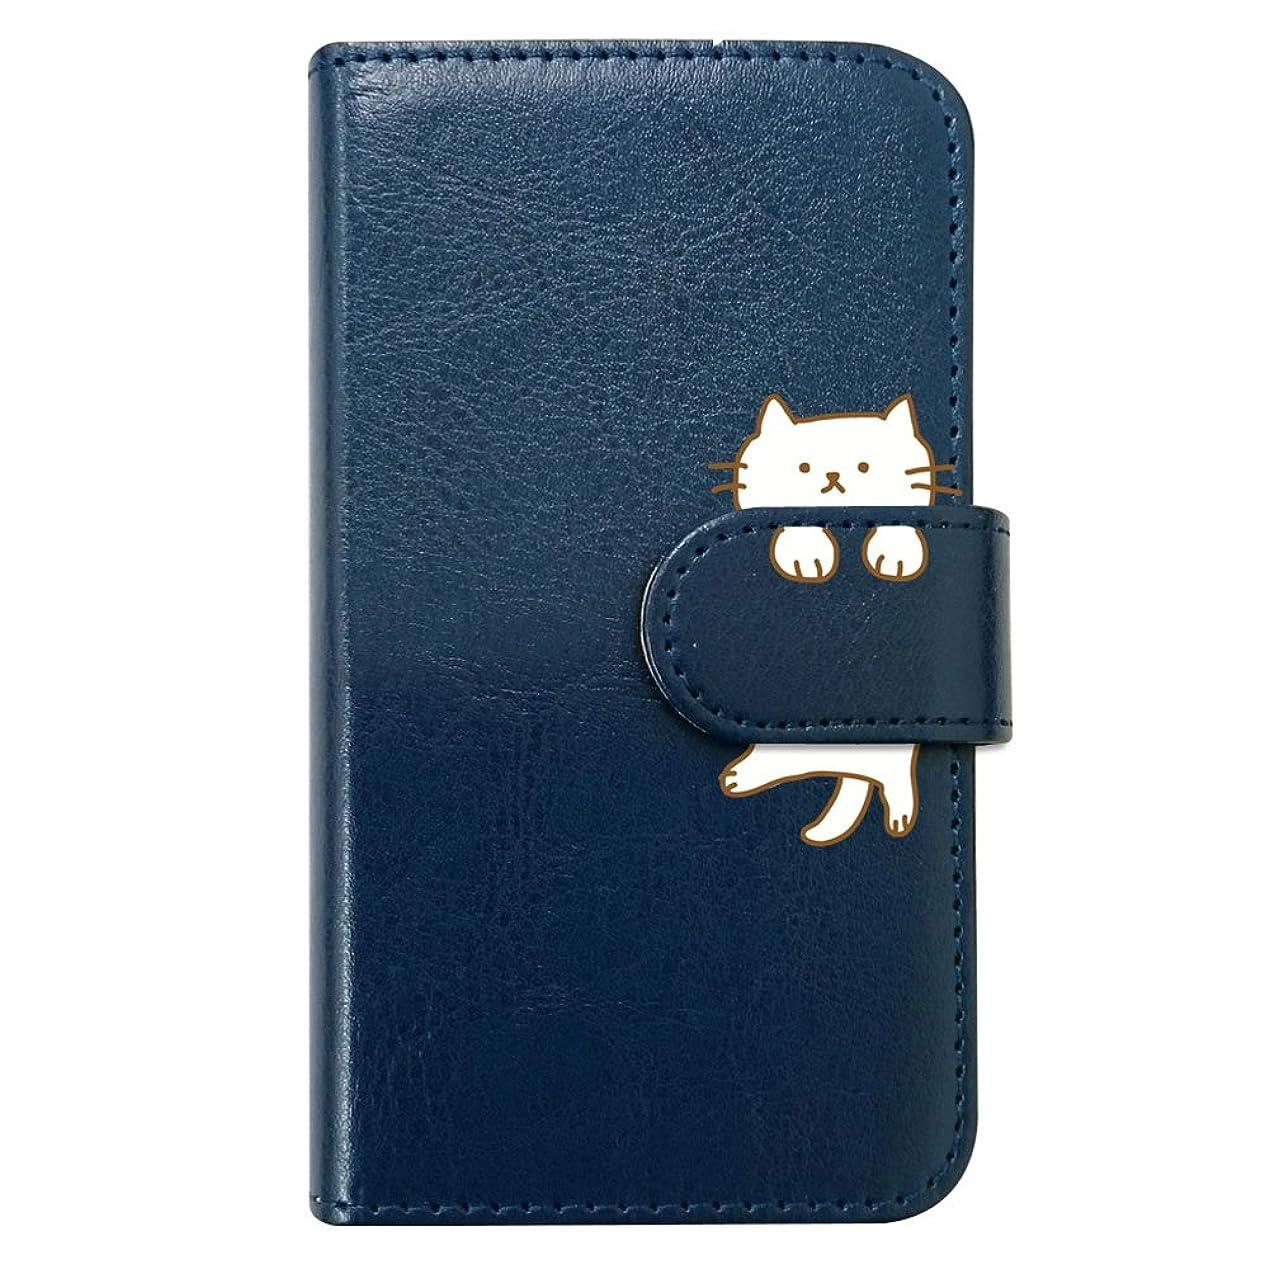 静的反対リム【moimoikka】 iPodTouch5 アイポッドタッチ5 手帳型 スマホ ケース ねこ 動物 キャラクター かわいい (ネイビー) 猫 アニマル ダイアリータイプ 横開き カード収納 フリップ カバー スマートフォン モイモイッカ もいもいっか sslink